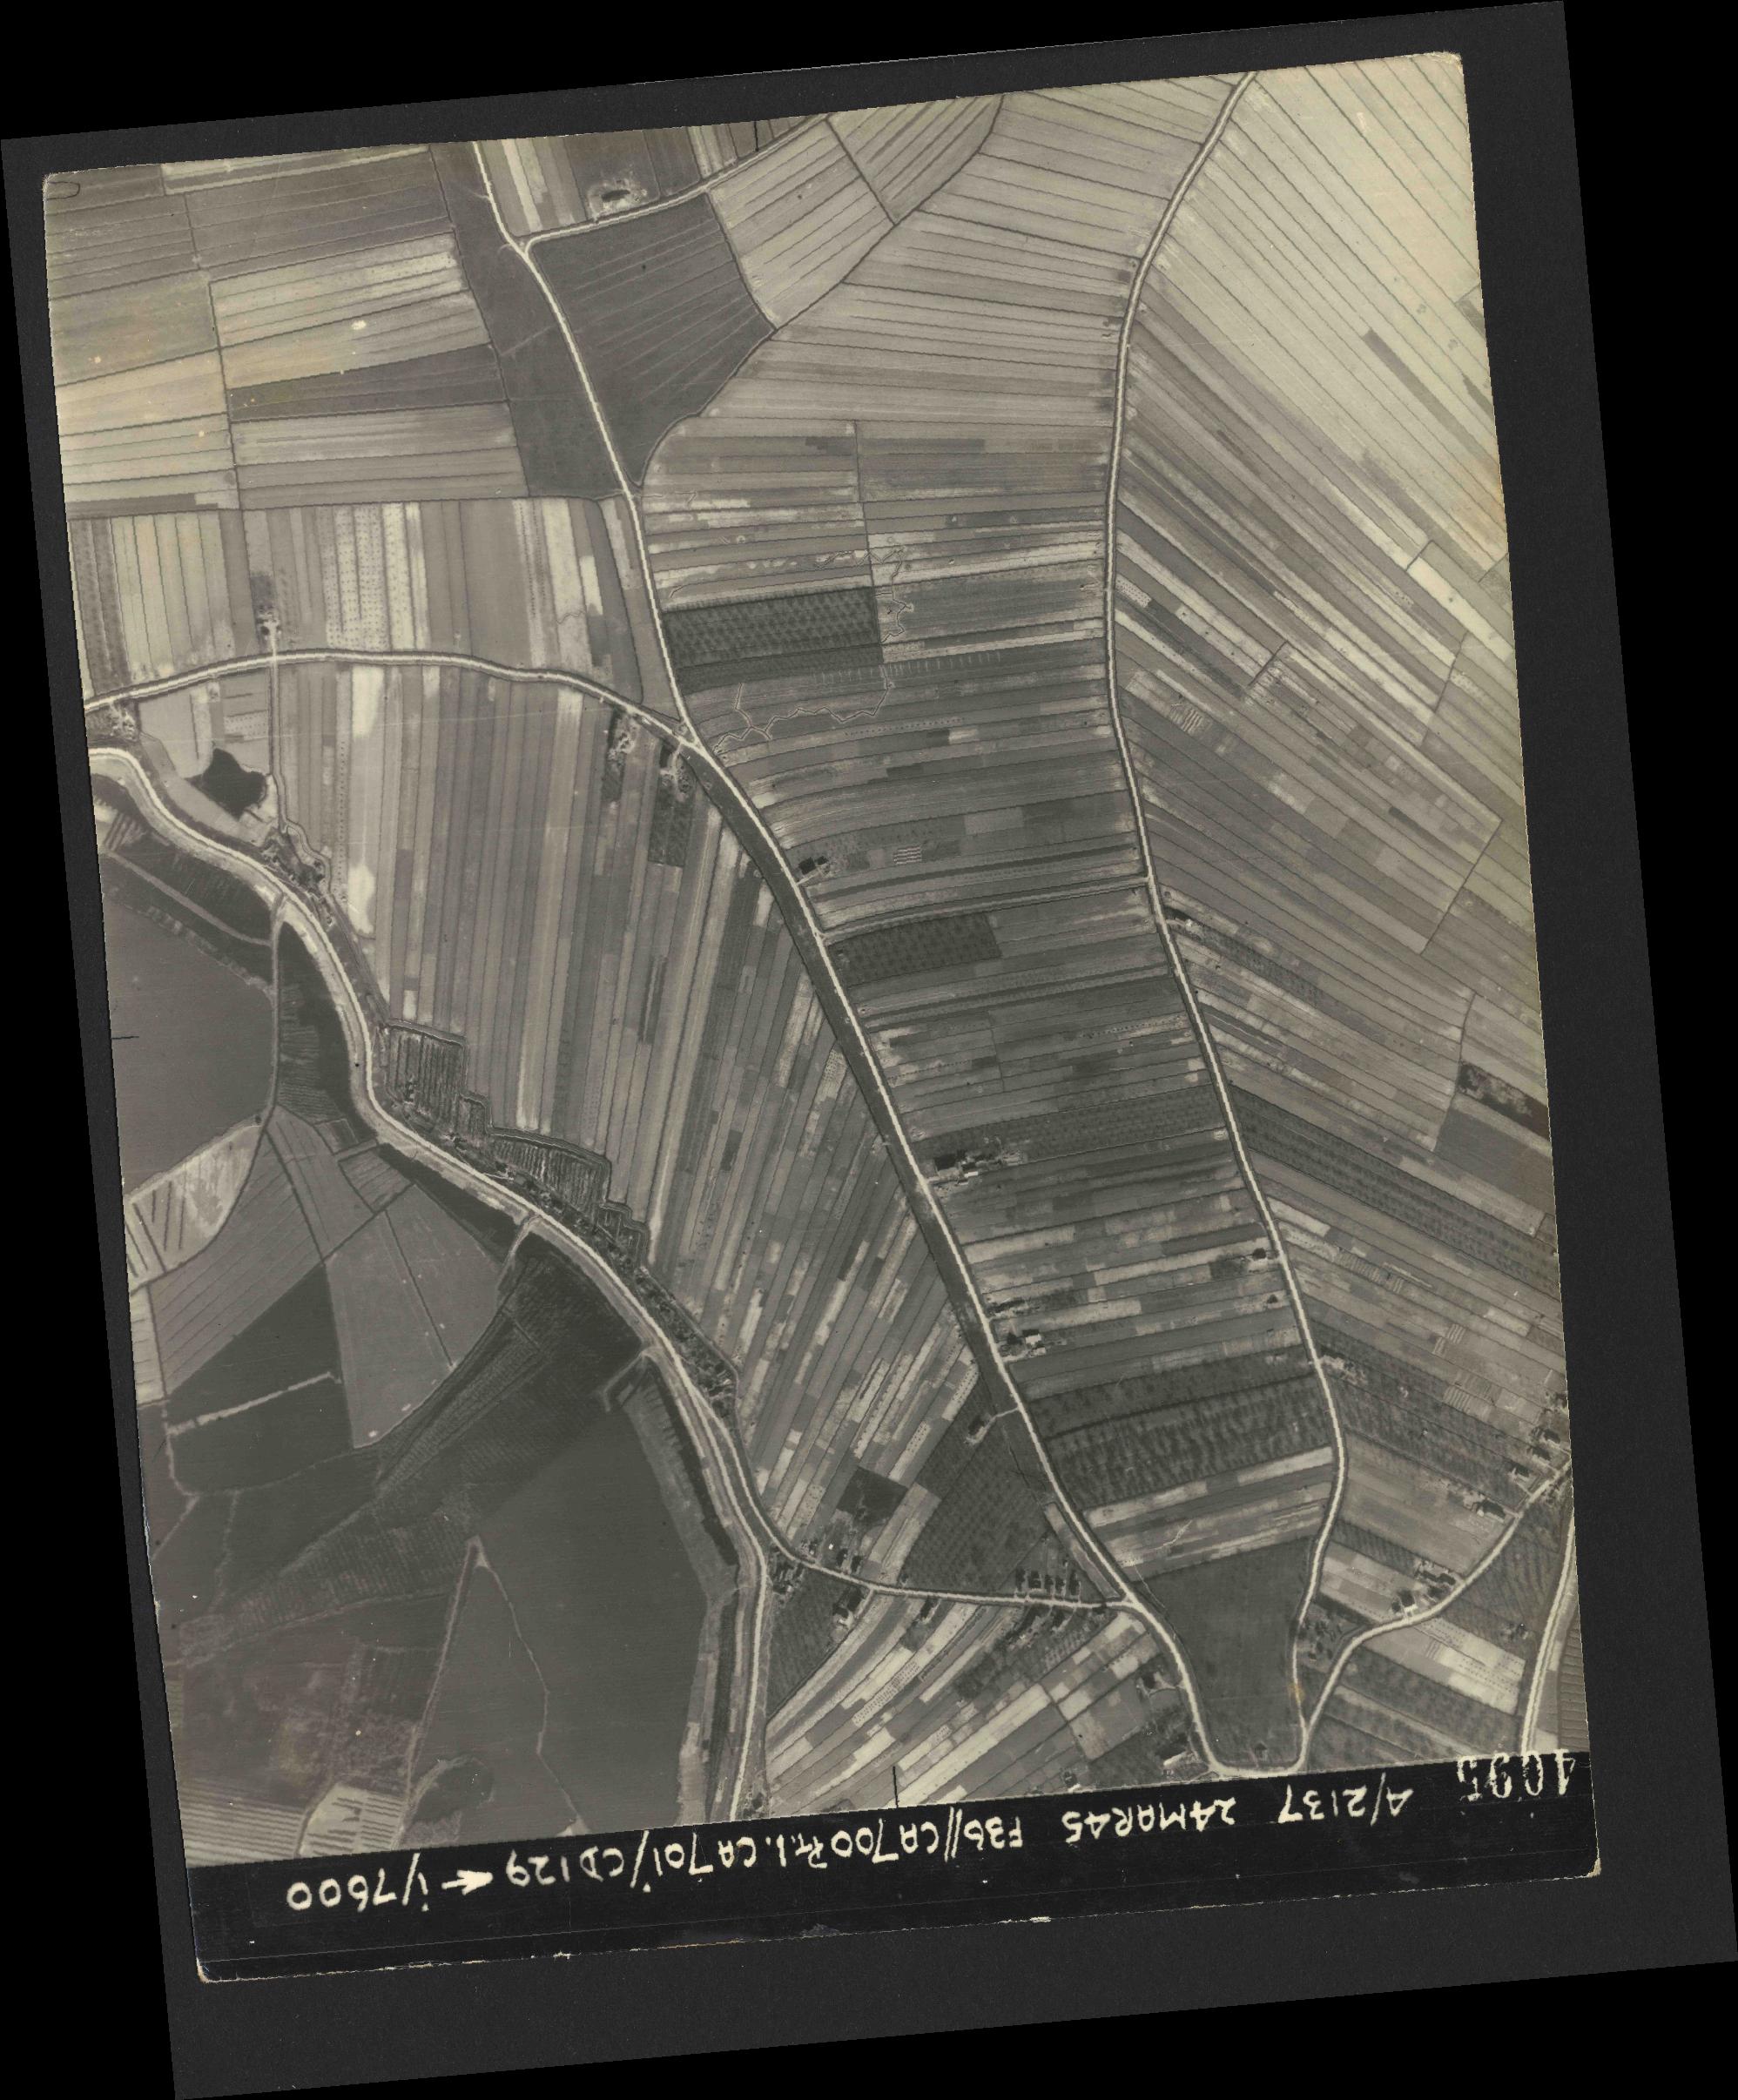 Collection RAF aerial photos 1940-1945 - flight 054, run 08, photo 4095